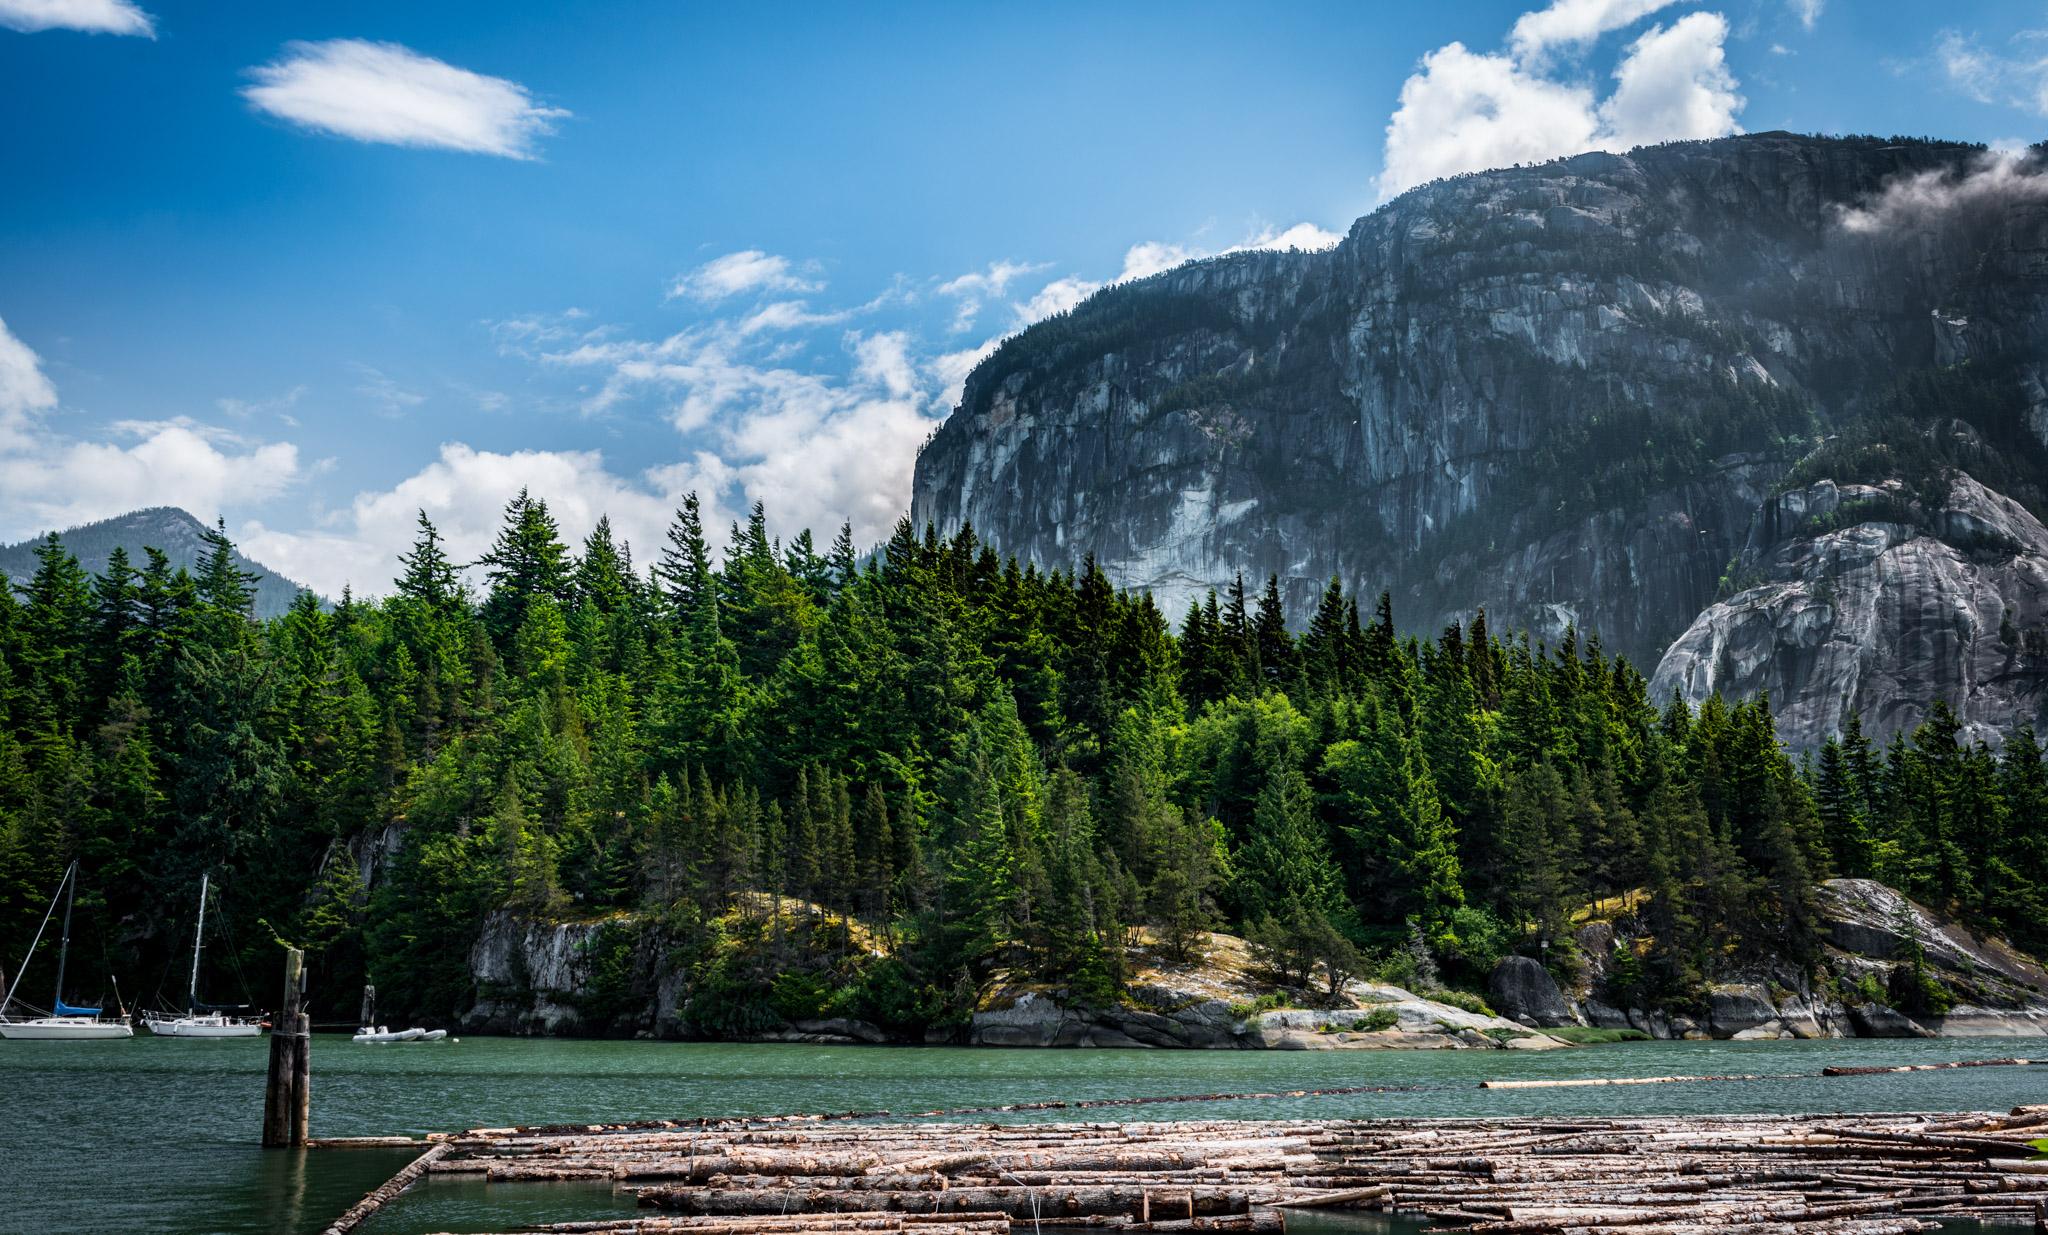 Canada : British Columbia :Squamish